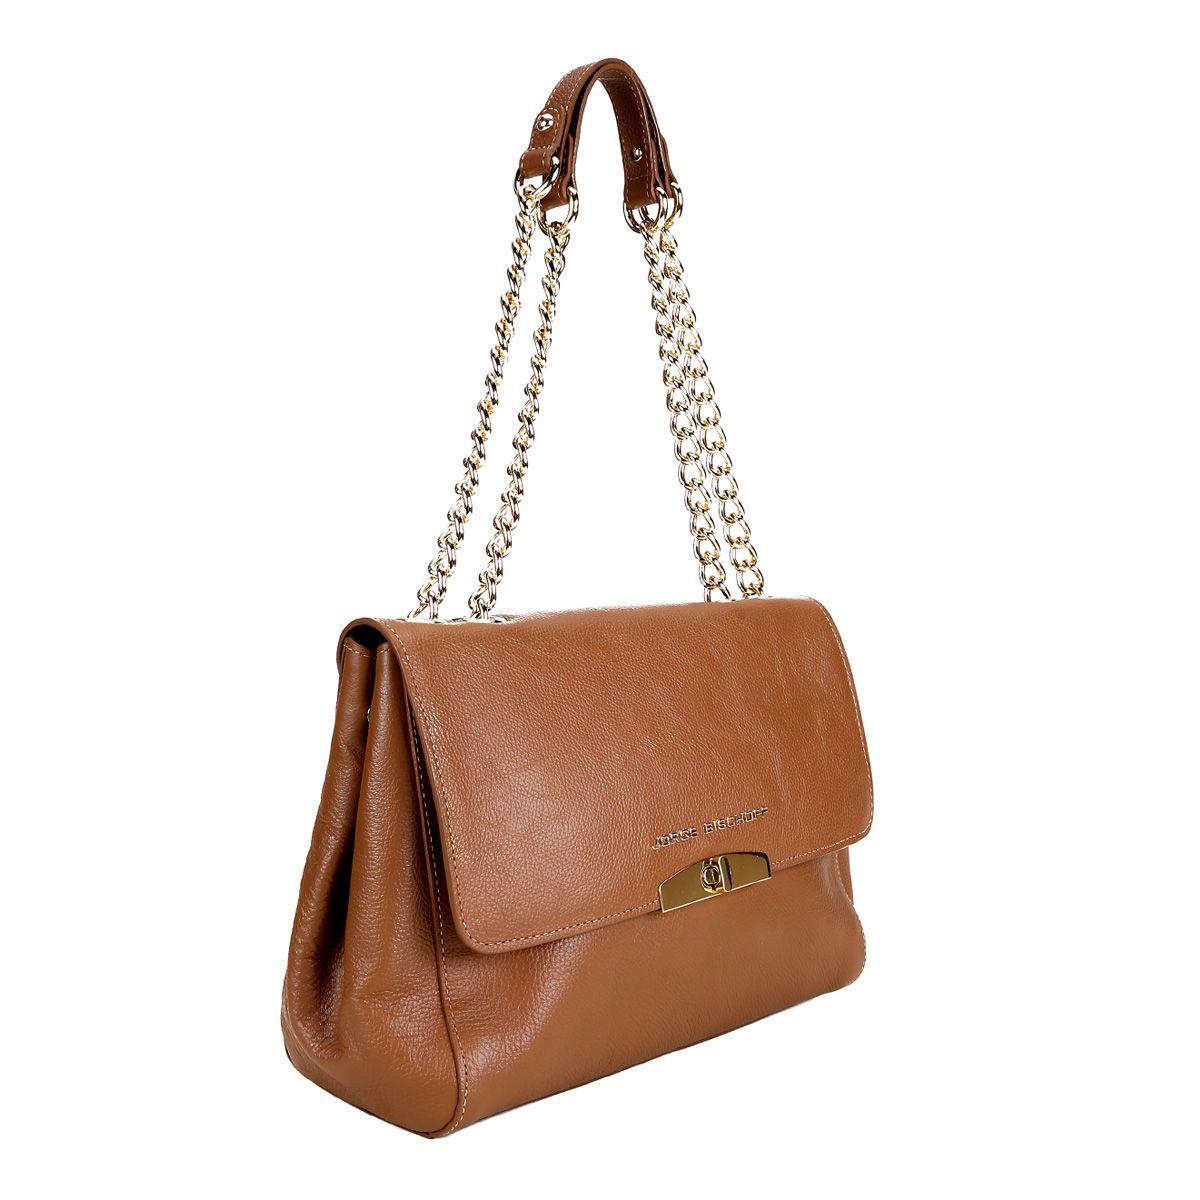 60b56c3ff4 Bolsa Couro Jorge Bischoff Handbag Alça Corrente Feminina - Compre Agora